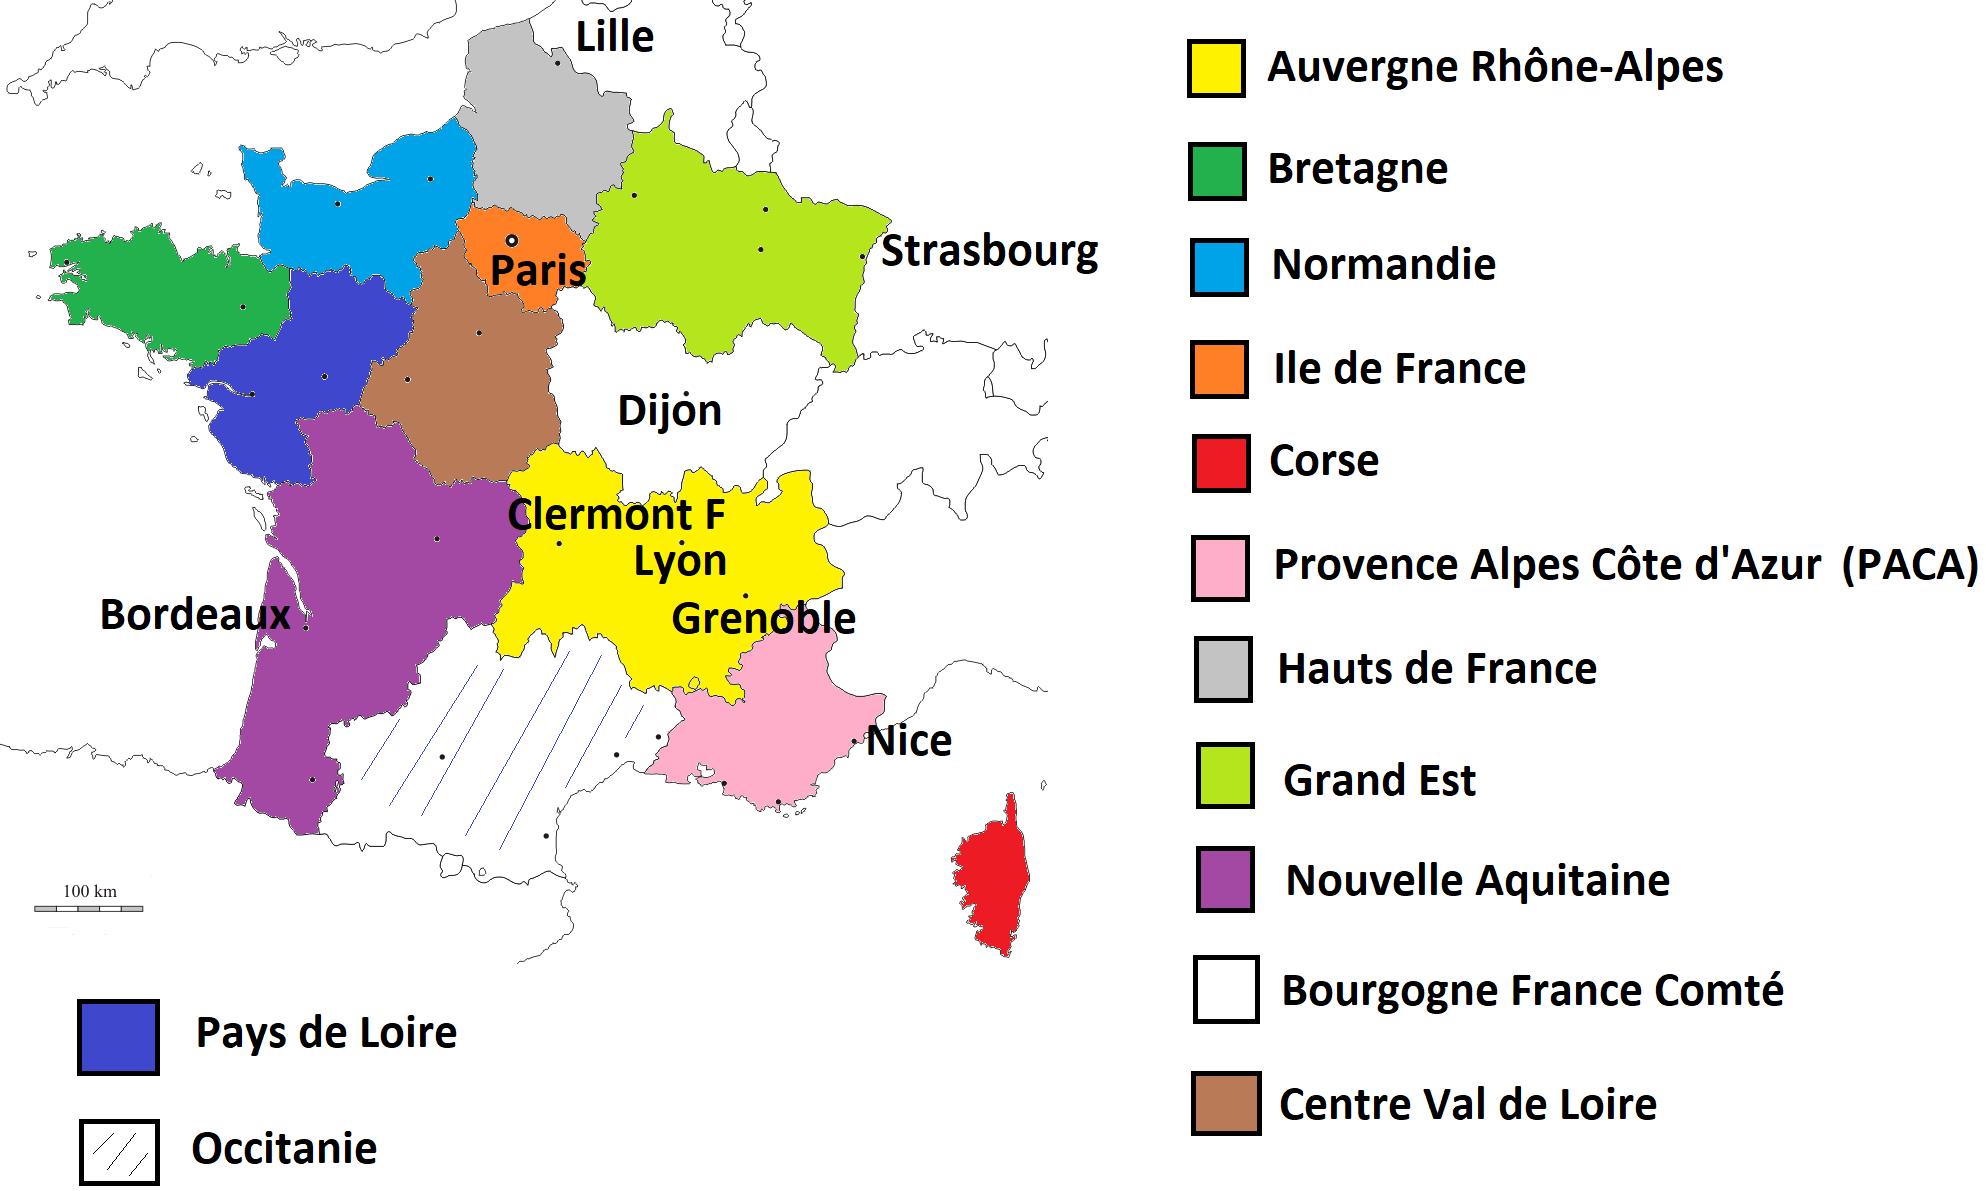 Le Découpage Administratif De La France : Les Régions De La pour Le Découpage Administratif De La France